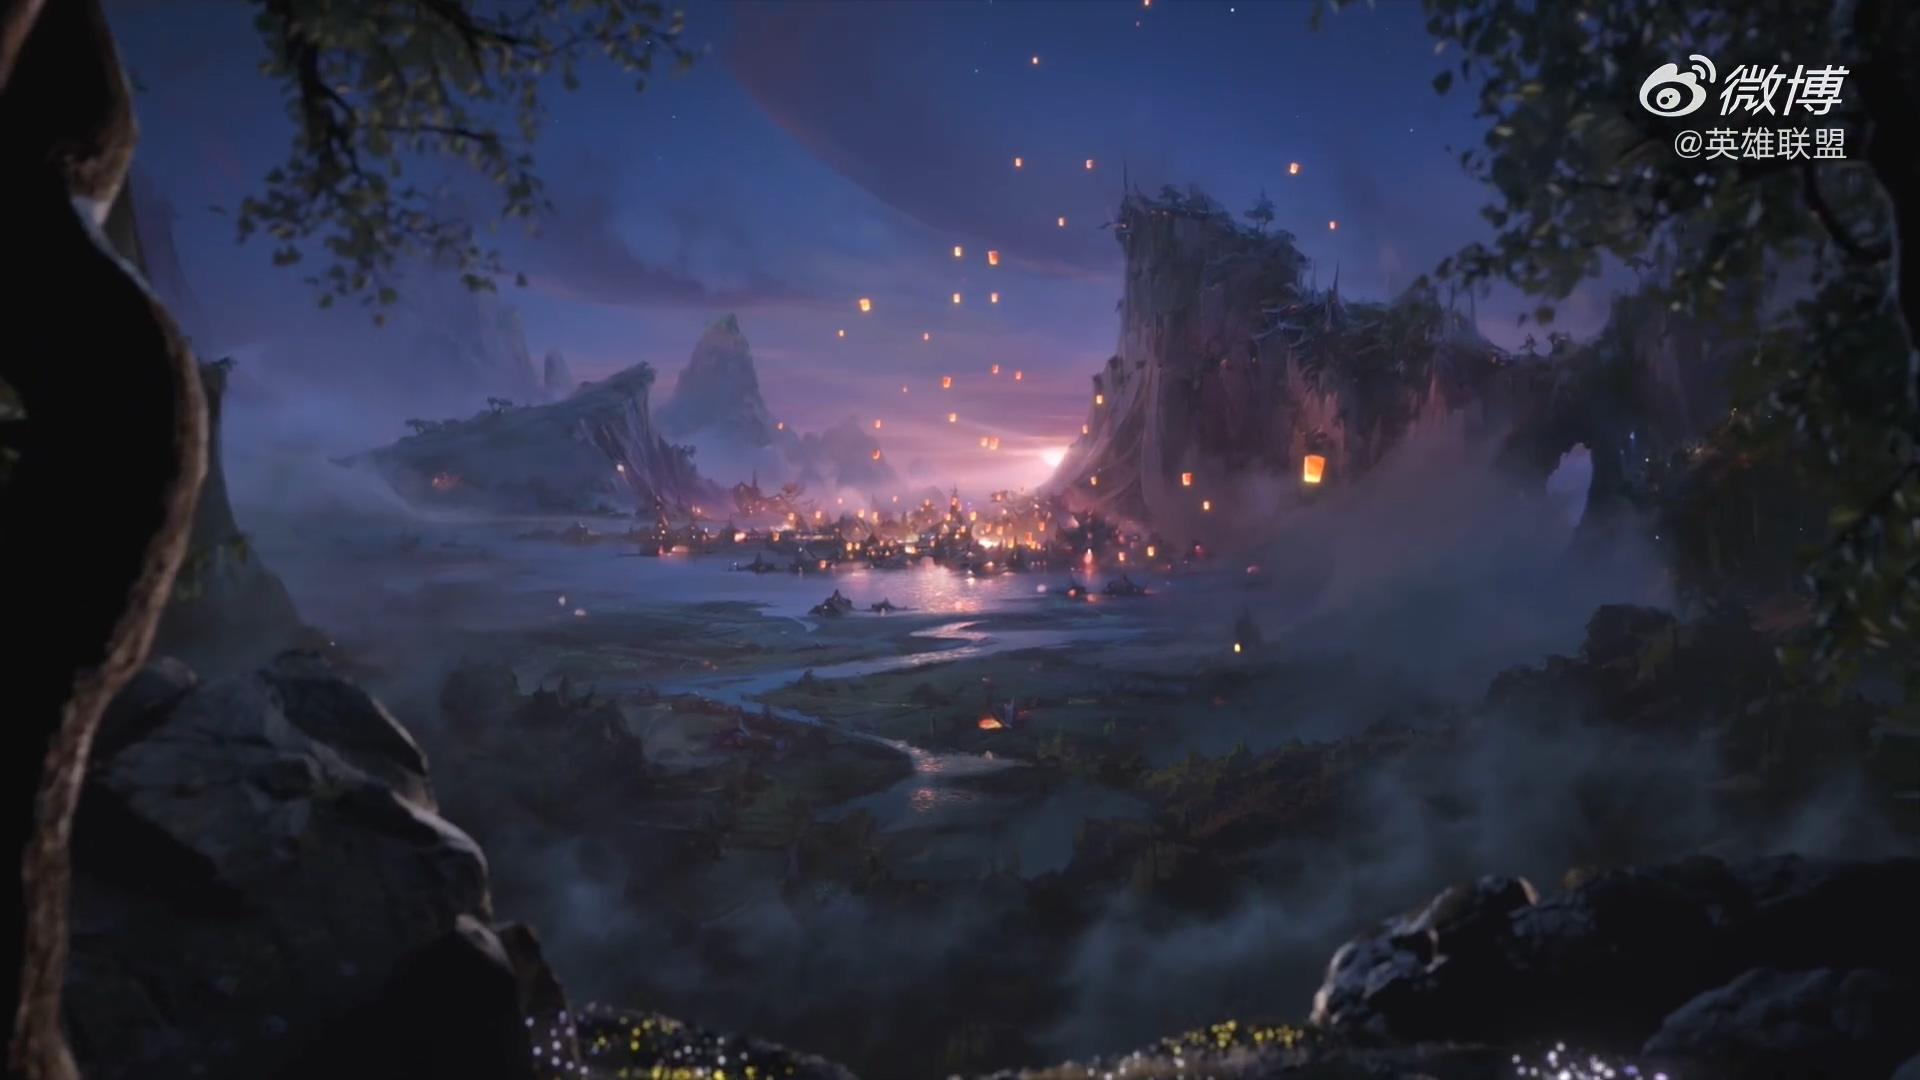 《英雄联盟》新英雄莉莉娅公布 魔法小鹿踏上冒险之旅